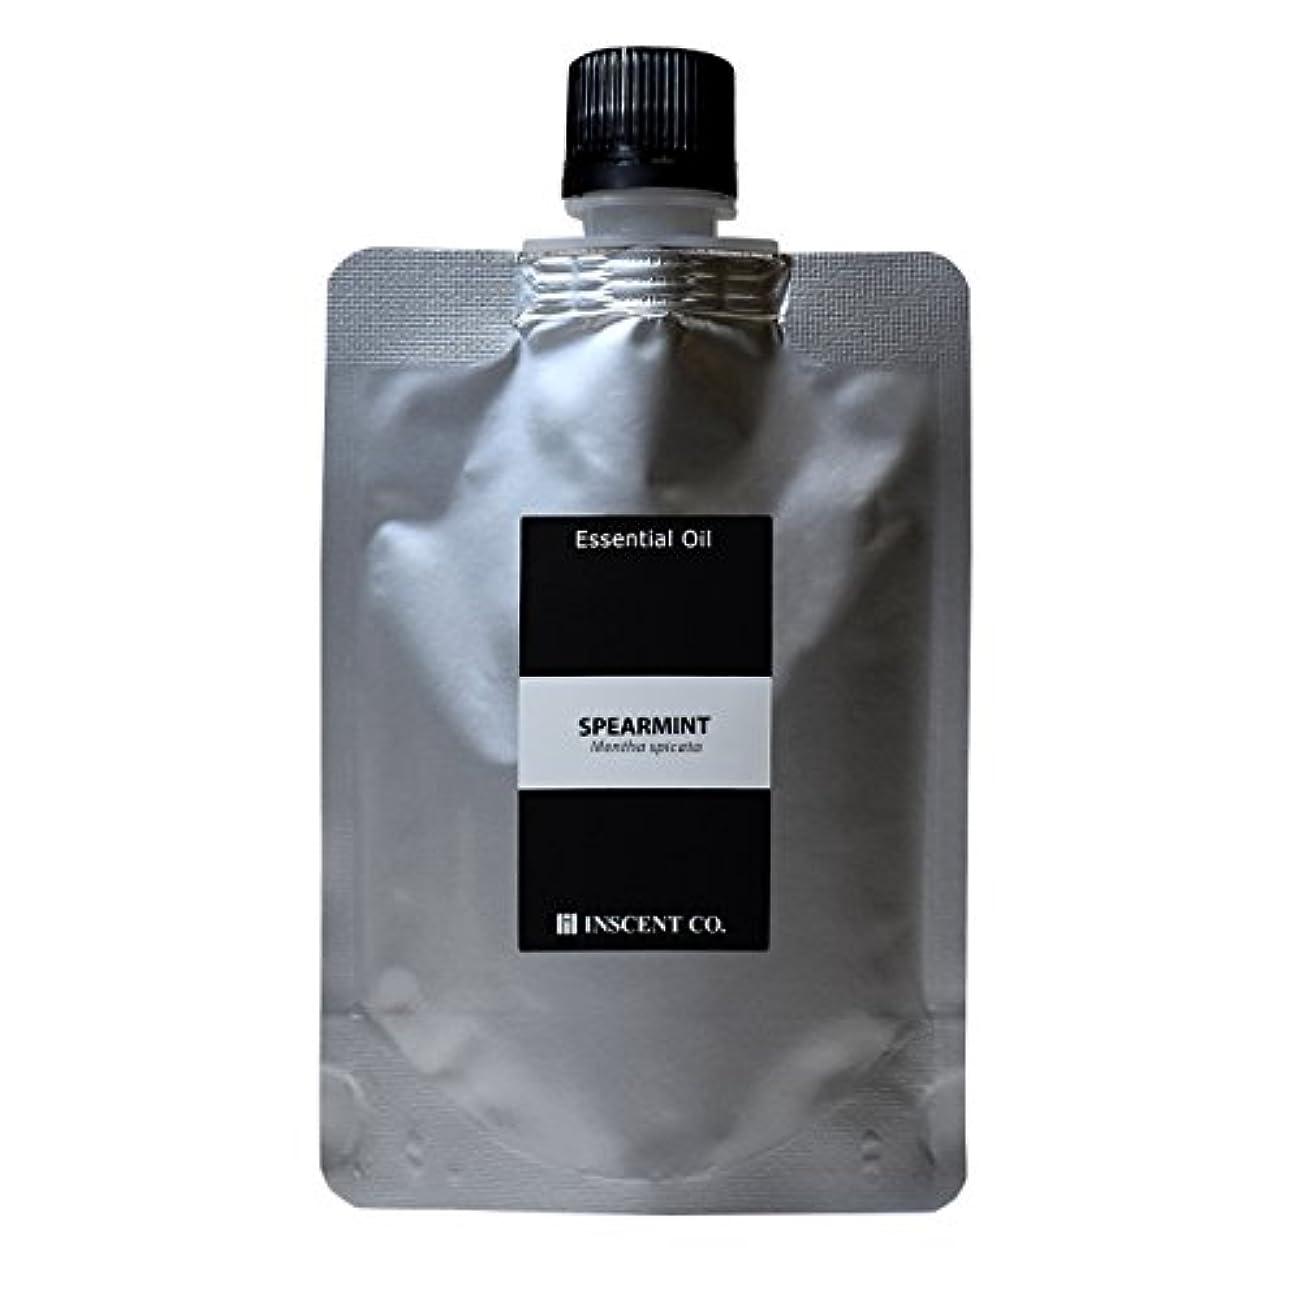 鉄スキルキャッシュ(詰替用 アルミパック) スペアミント 100ml インセント アロマオイル AEAJ 表示基準適合認定精油